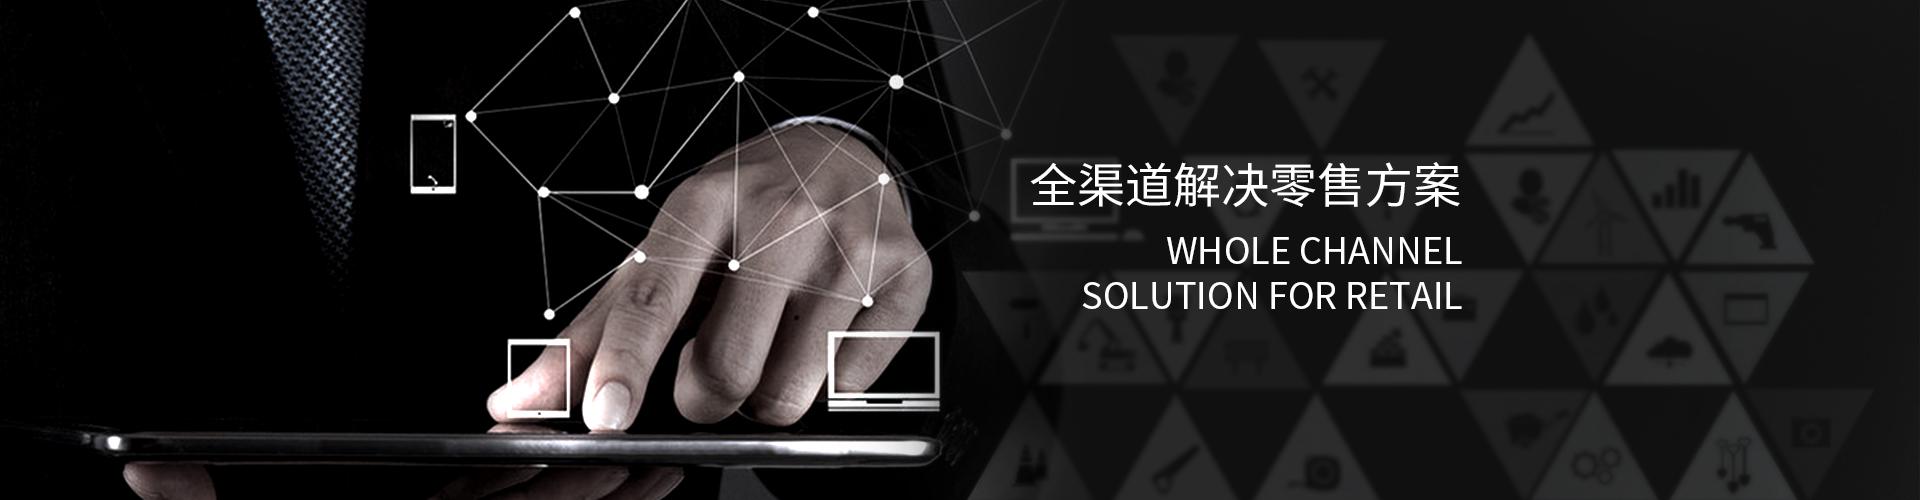 子banner-解決方案2